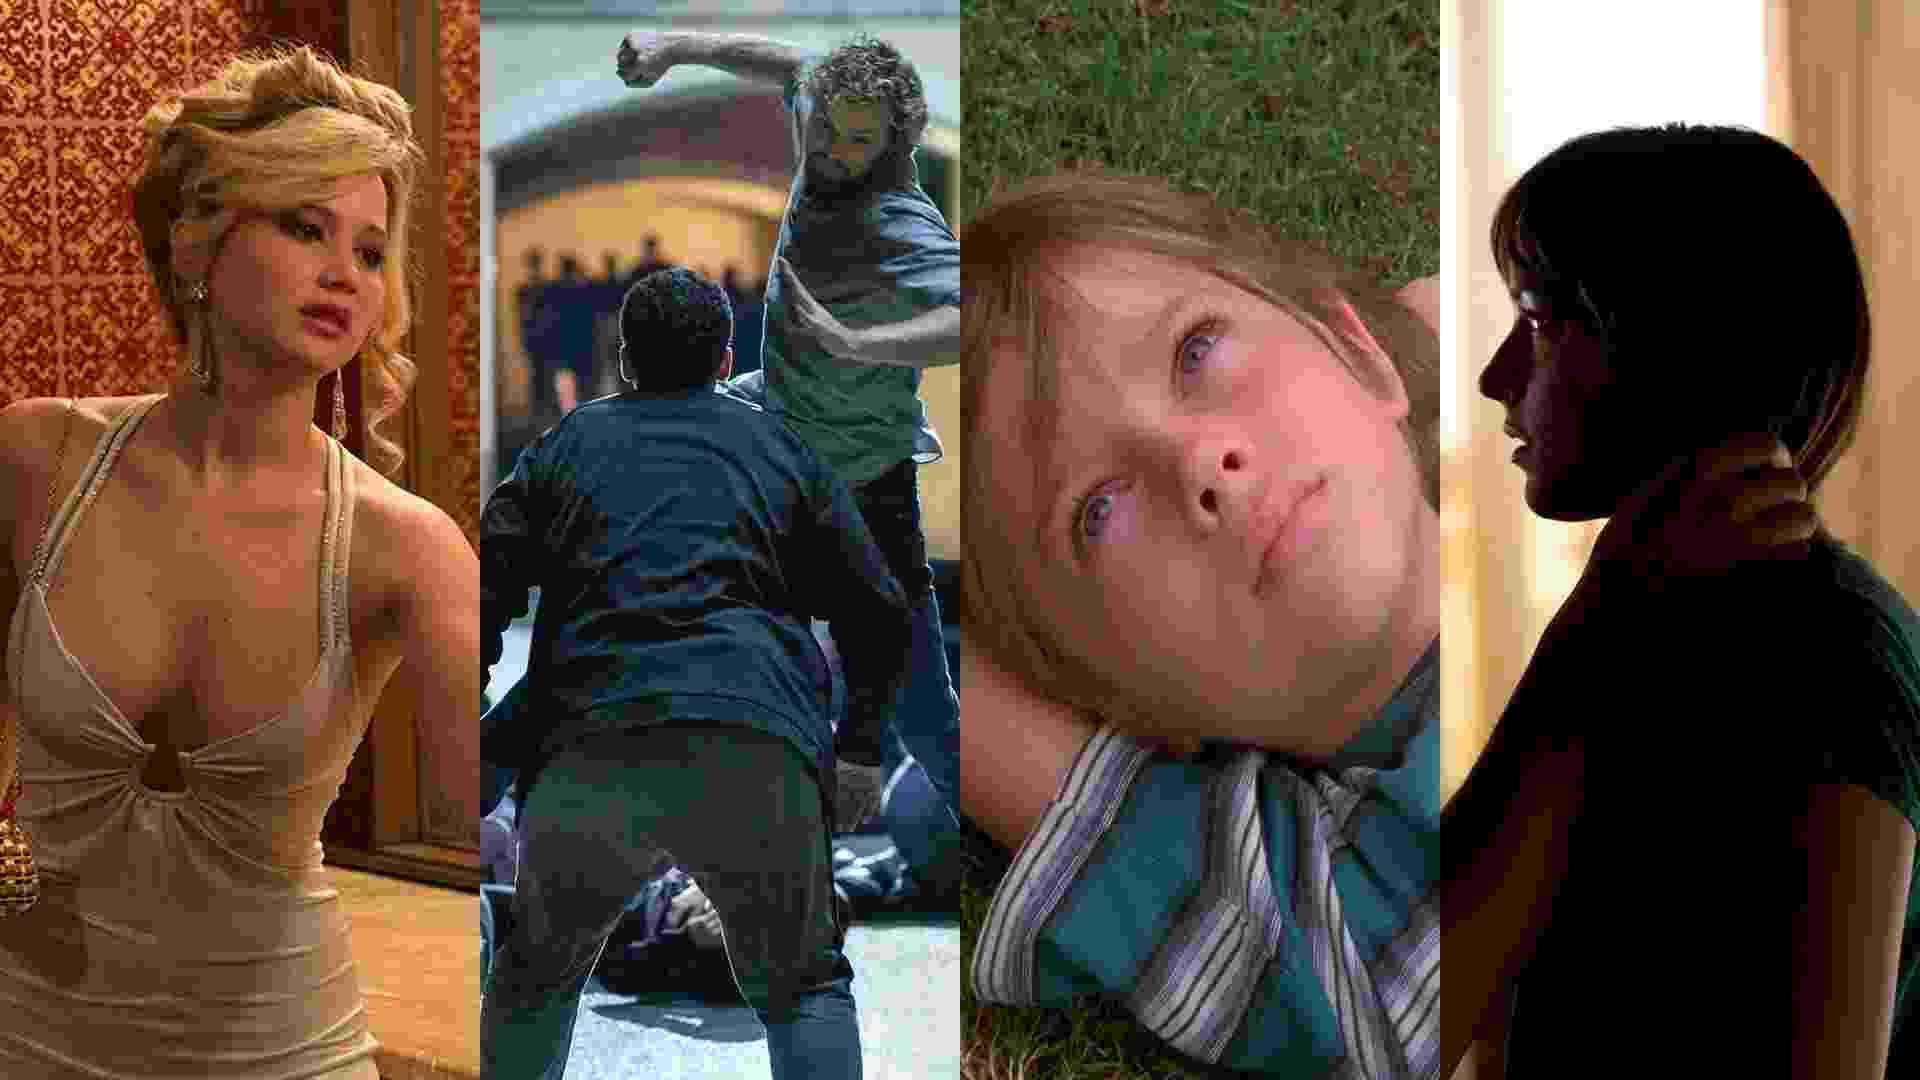 """Cenas de """"Trapaça"""" (2013), de David O. Russell, """"Punho de Ferro"""", """"Boyhood: Da Infância à Juventude"""" (2014), de Richard Linklater e """"Cinquenta Tons de Cinza"""" (2015), de Sam Taylor-Johnson - Reprodução/Montagem"""